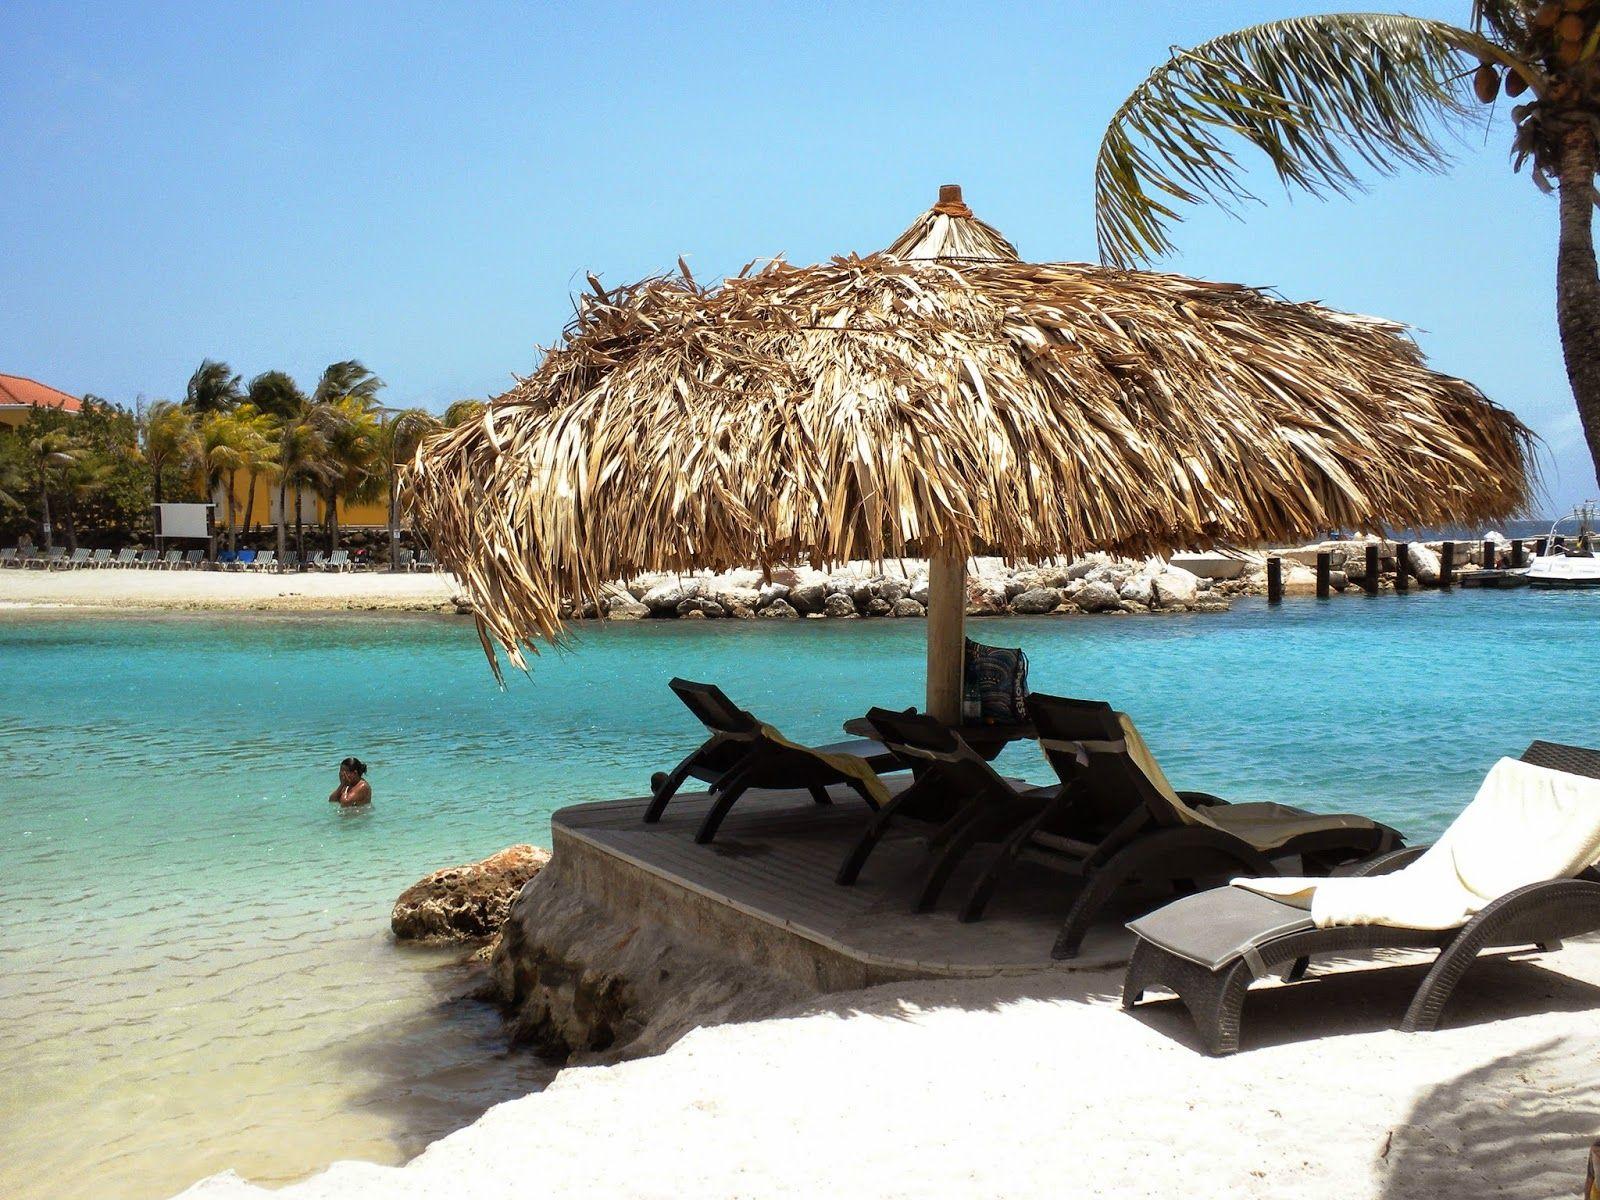 Guia de Férias: Dushi, Curaçao!